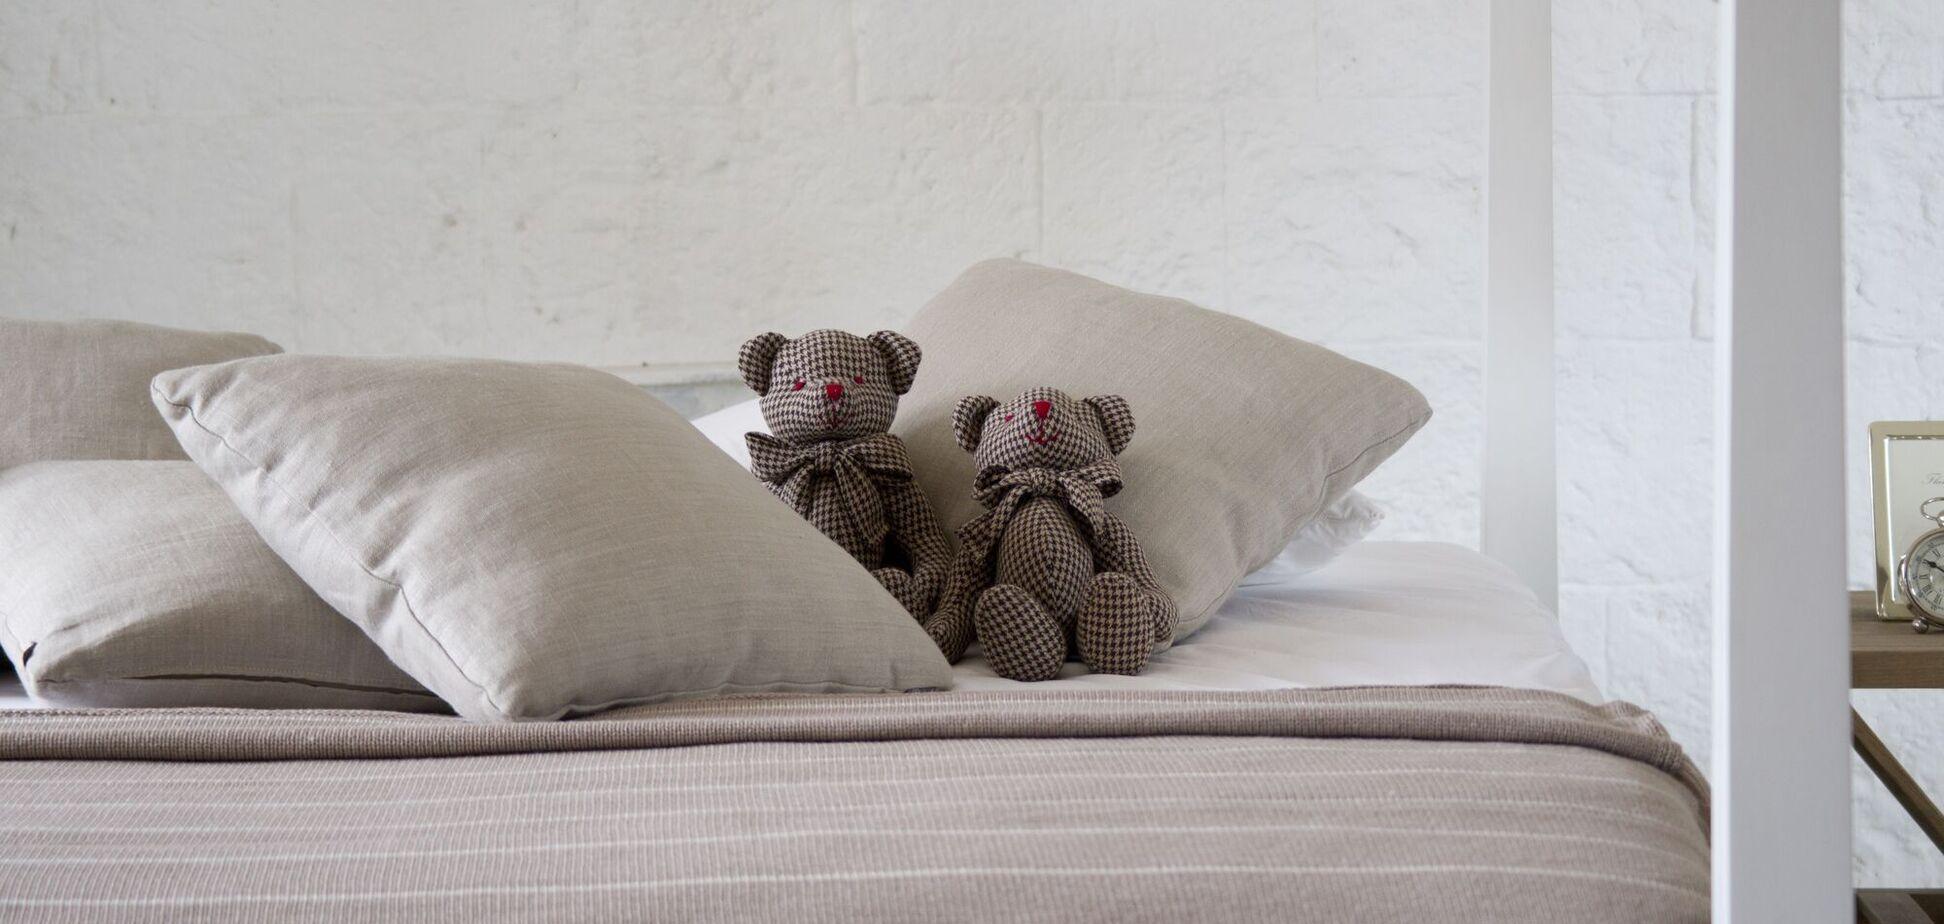 Кровать является идеальным местом для размножения бесчисленного количества бактерий